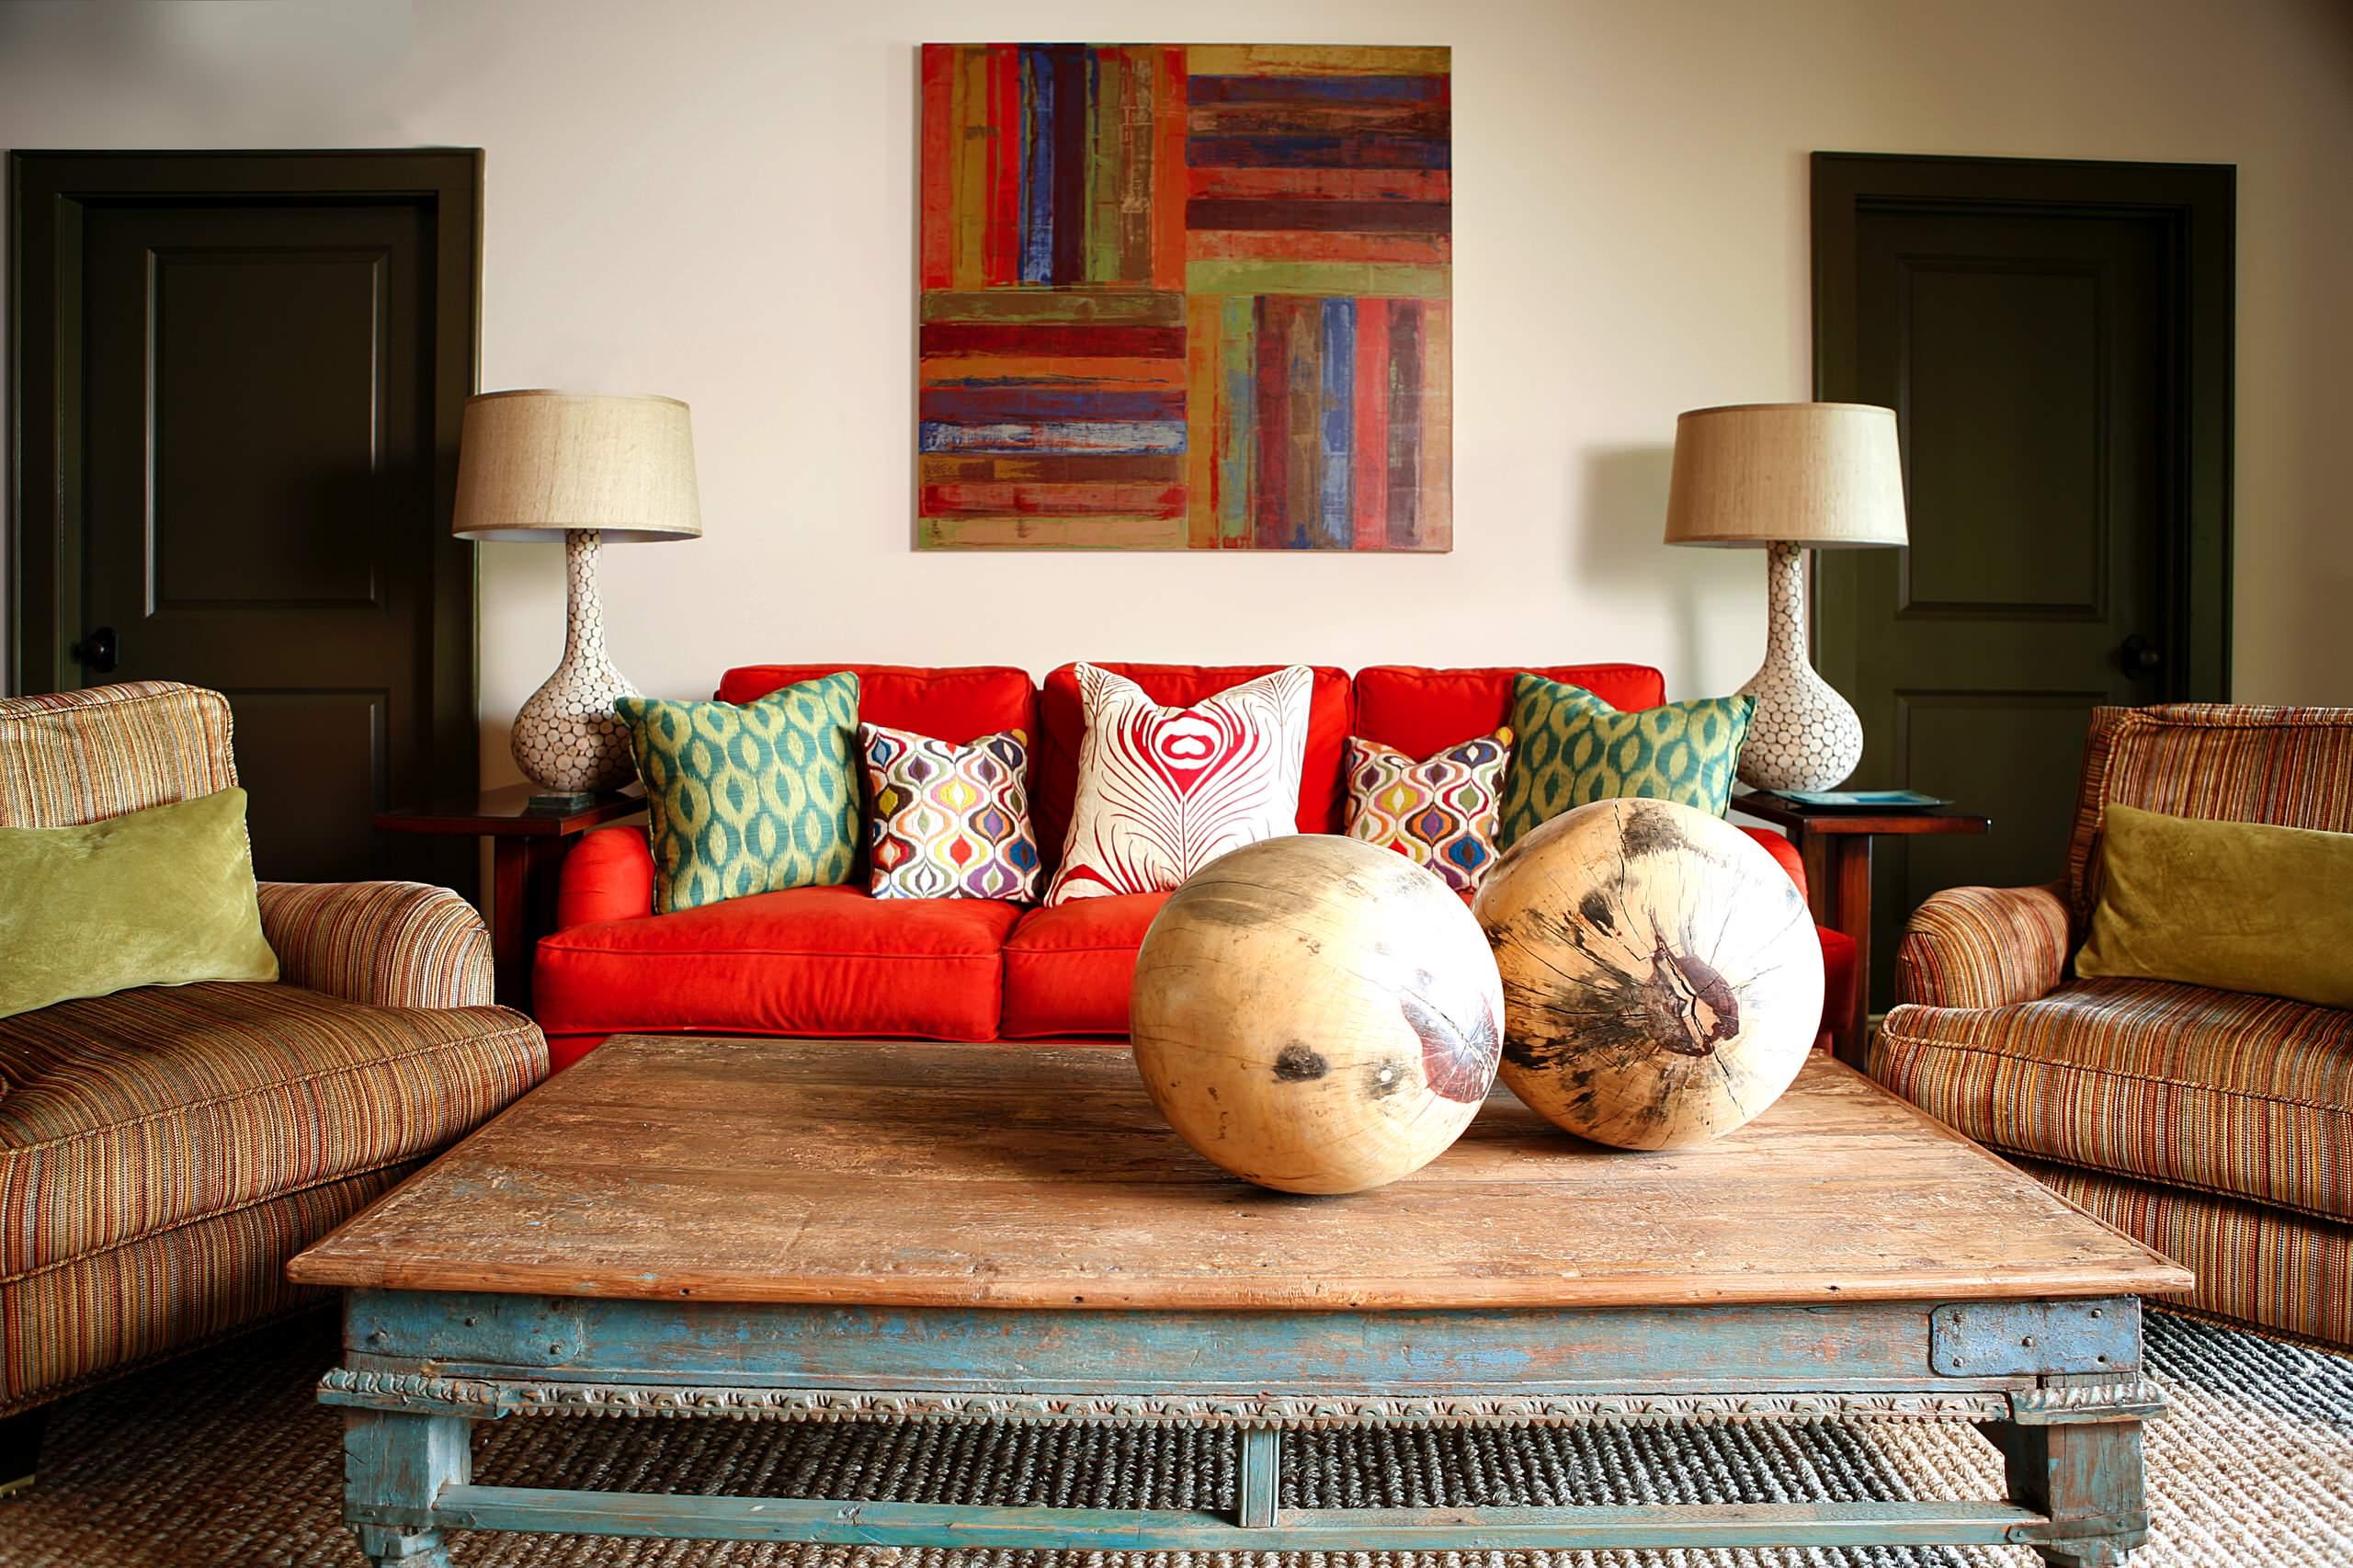 """Foto: Reprodução / <a href=""""http://www.blissdesignfirm.com/"""" target=""""_blank"""">Ohara Davies-Gaetano Interiors</a>"""